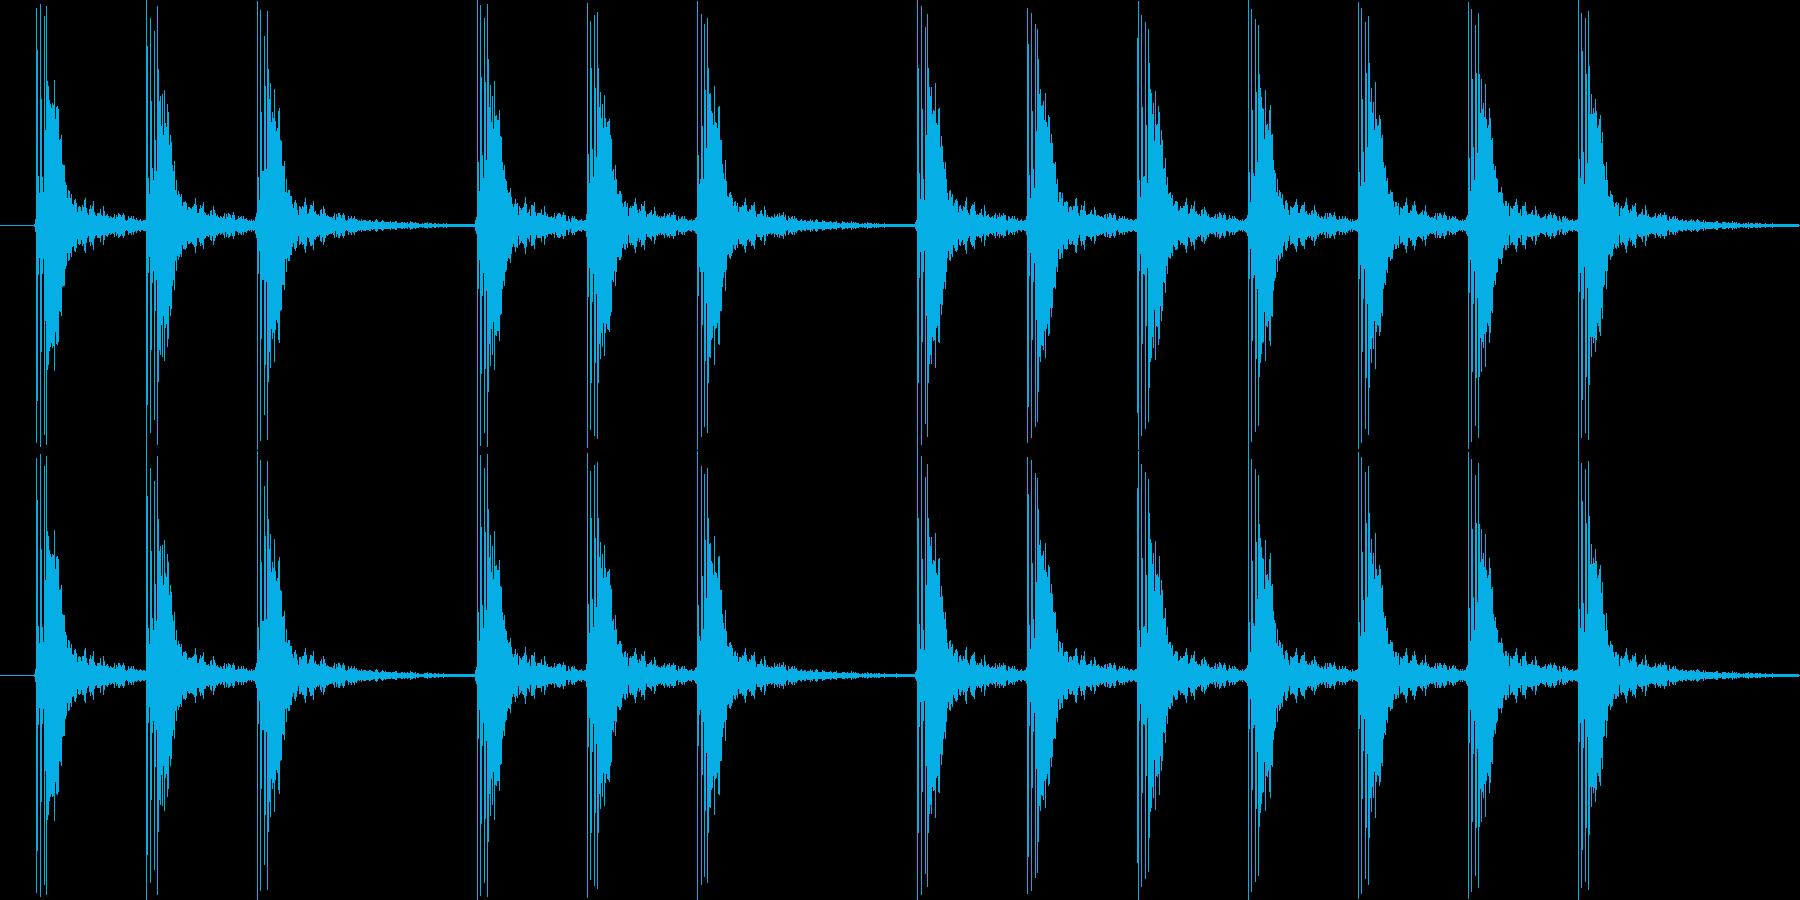 パンパンパン 三三七拍子の再生済みの波形